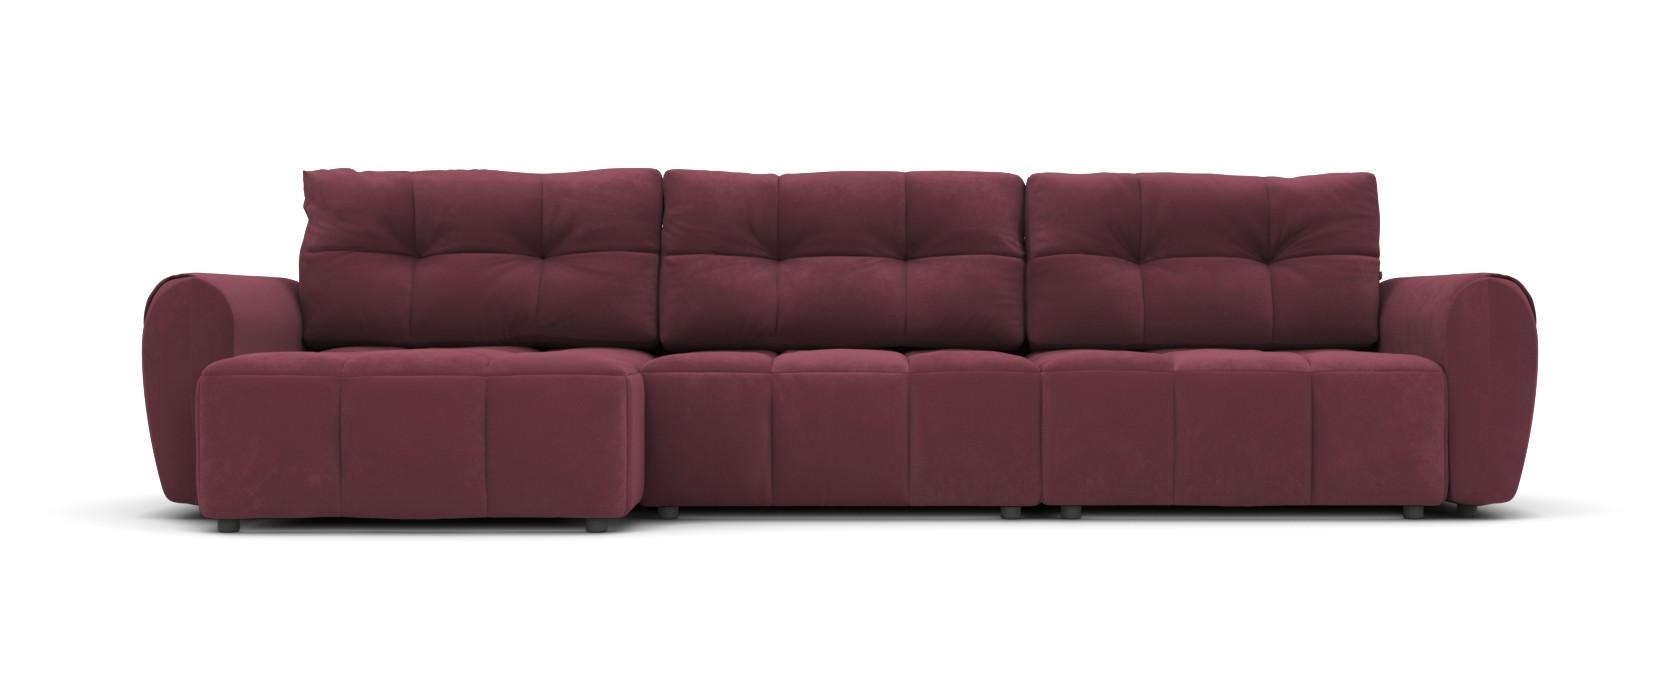 Кутовий диван Bernardo - Pufetto